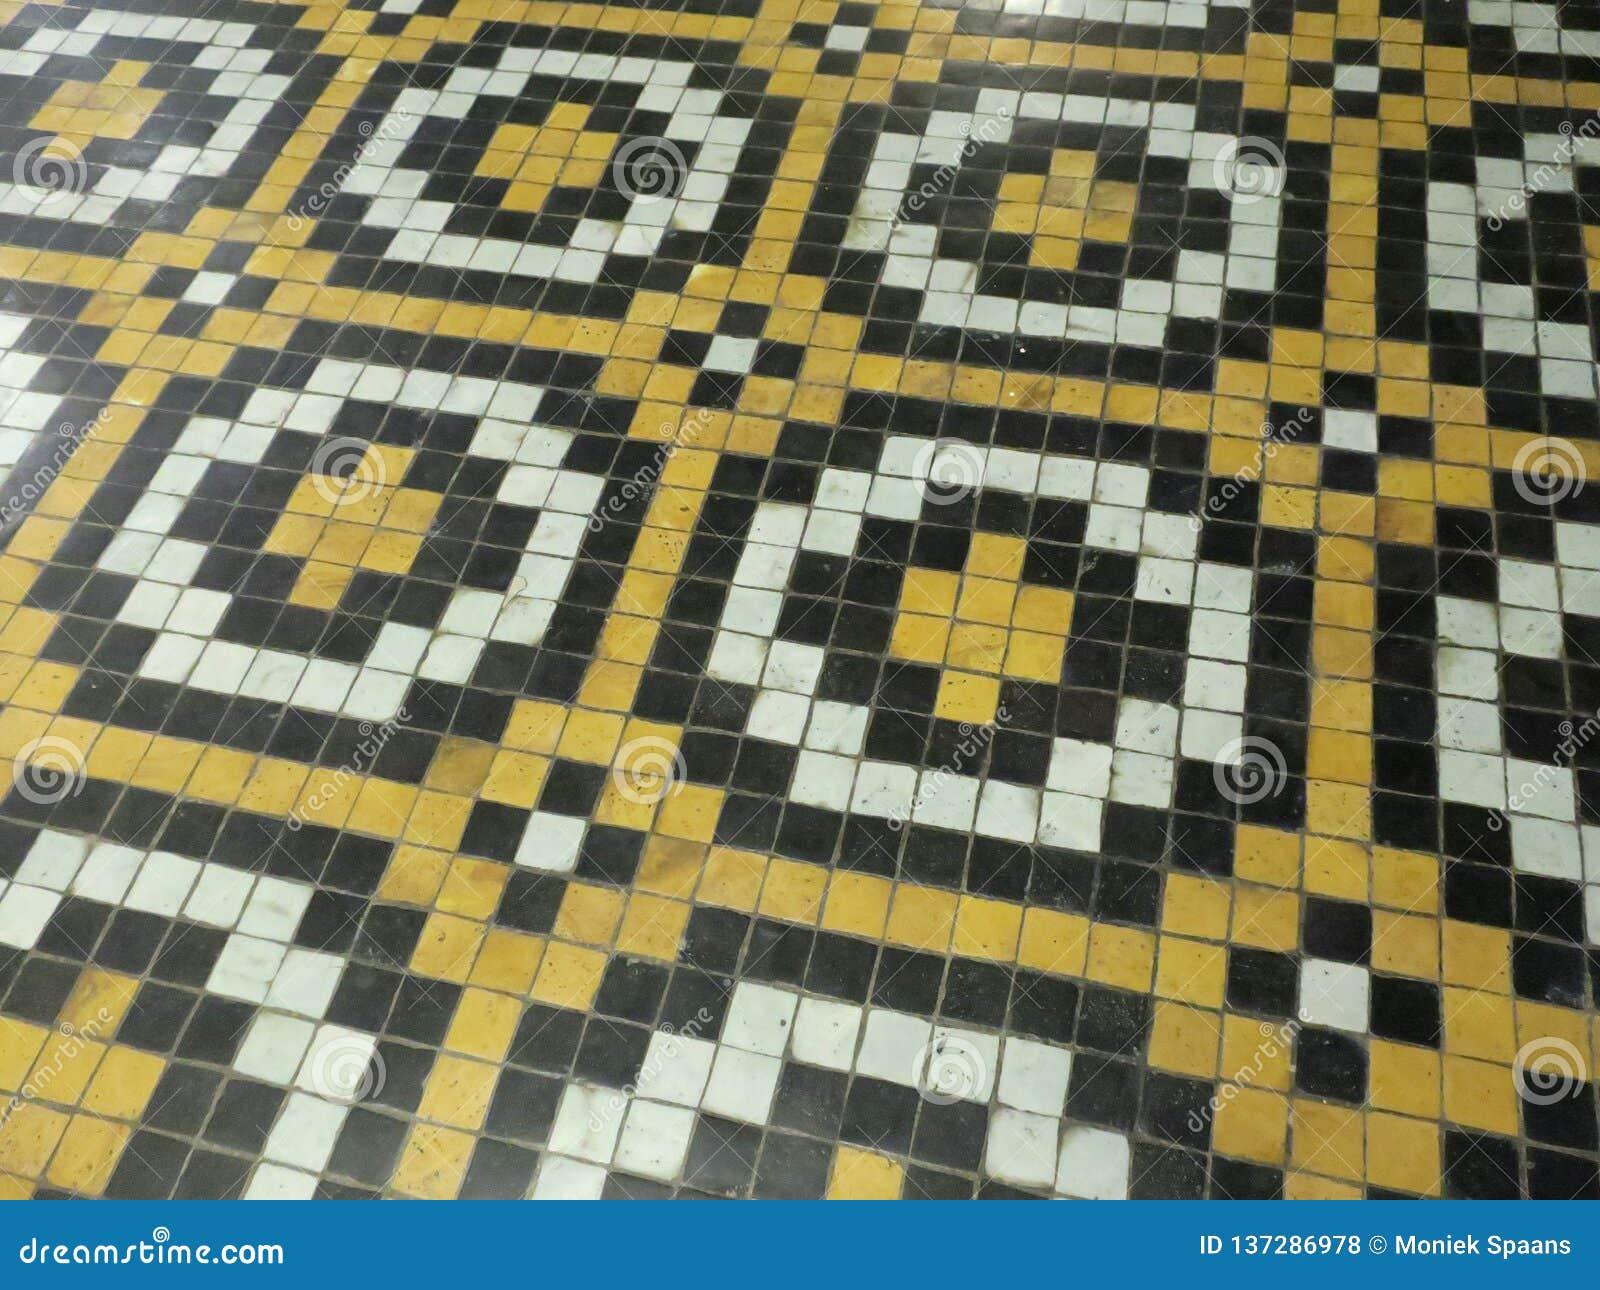 Vloer van gele zwart-witte tegels die kruisen en een bewegend patroon vormen